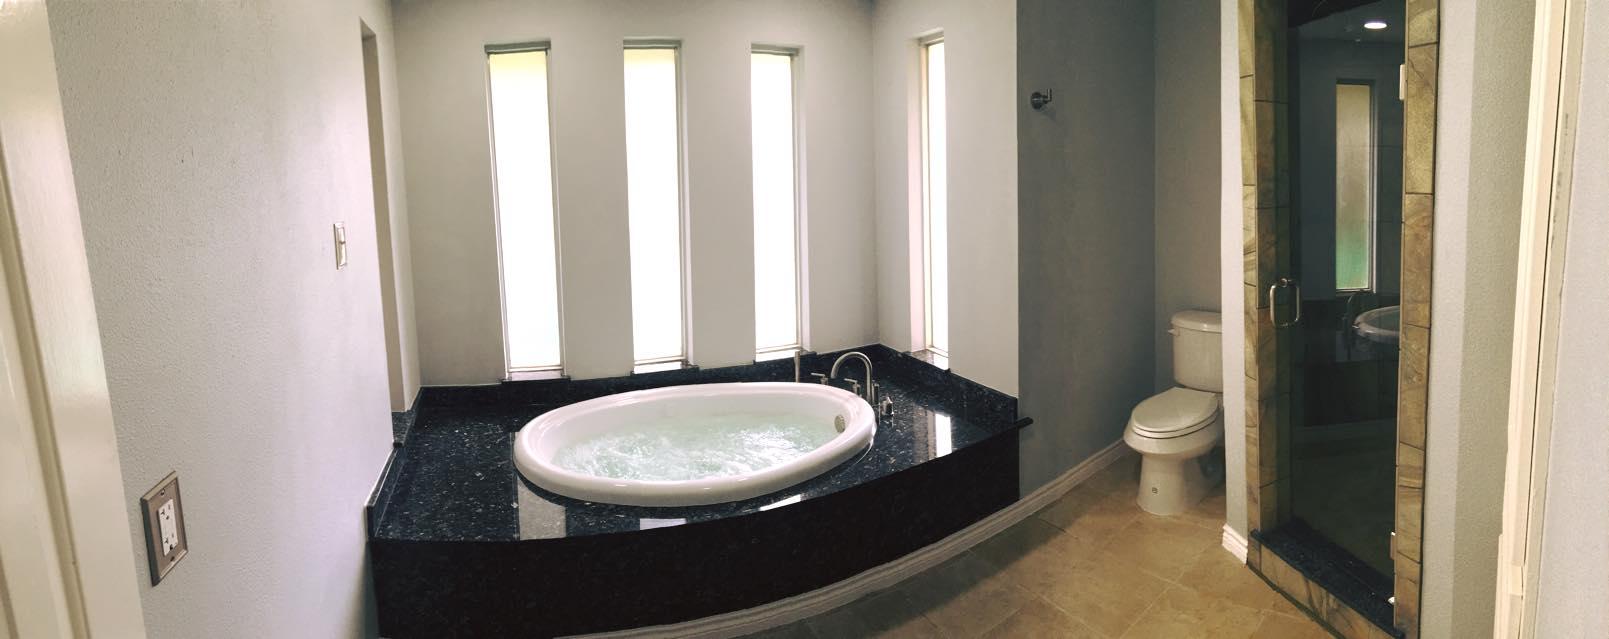 39x58 Drop In Bathtub BR-20 - BathTubs.com